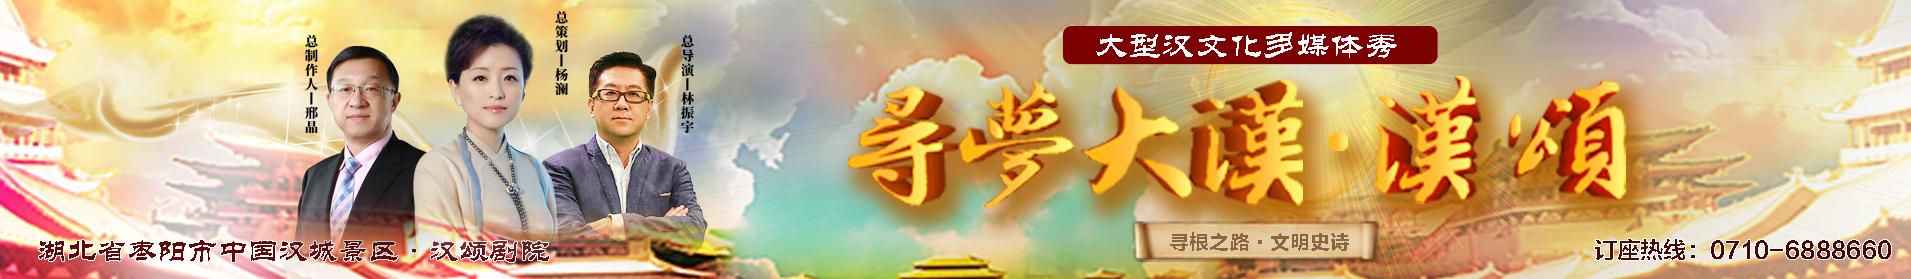 中国威廉希尔手机版登录广告